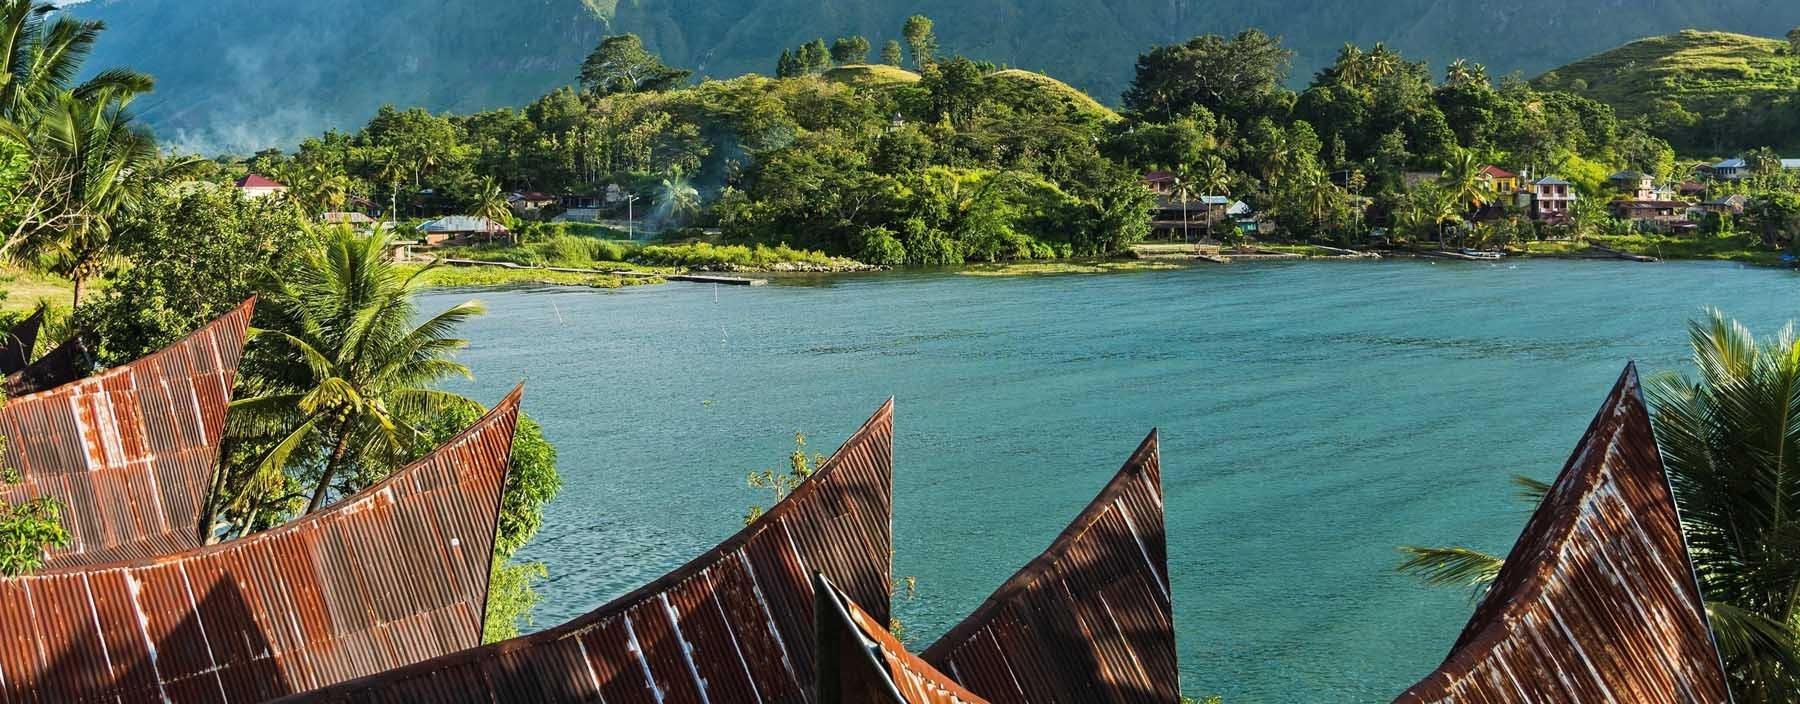 id, sumatra, lake toba (2).jpg